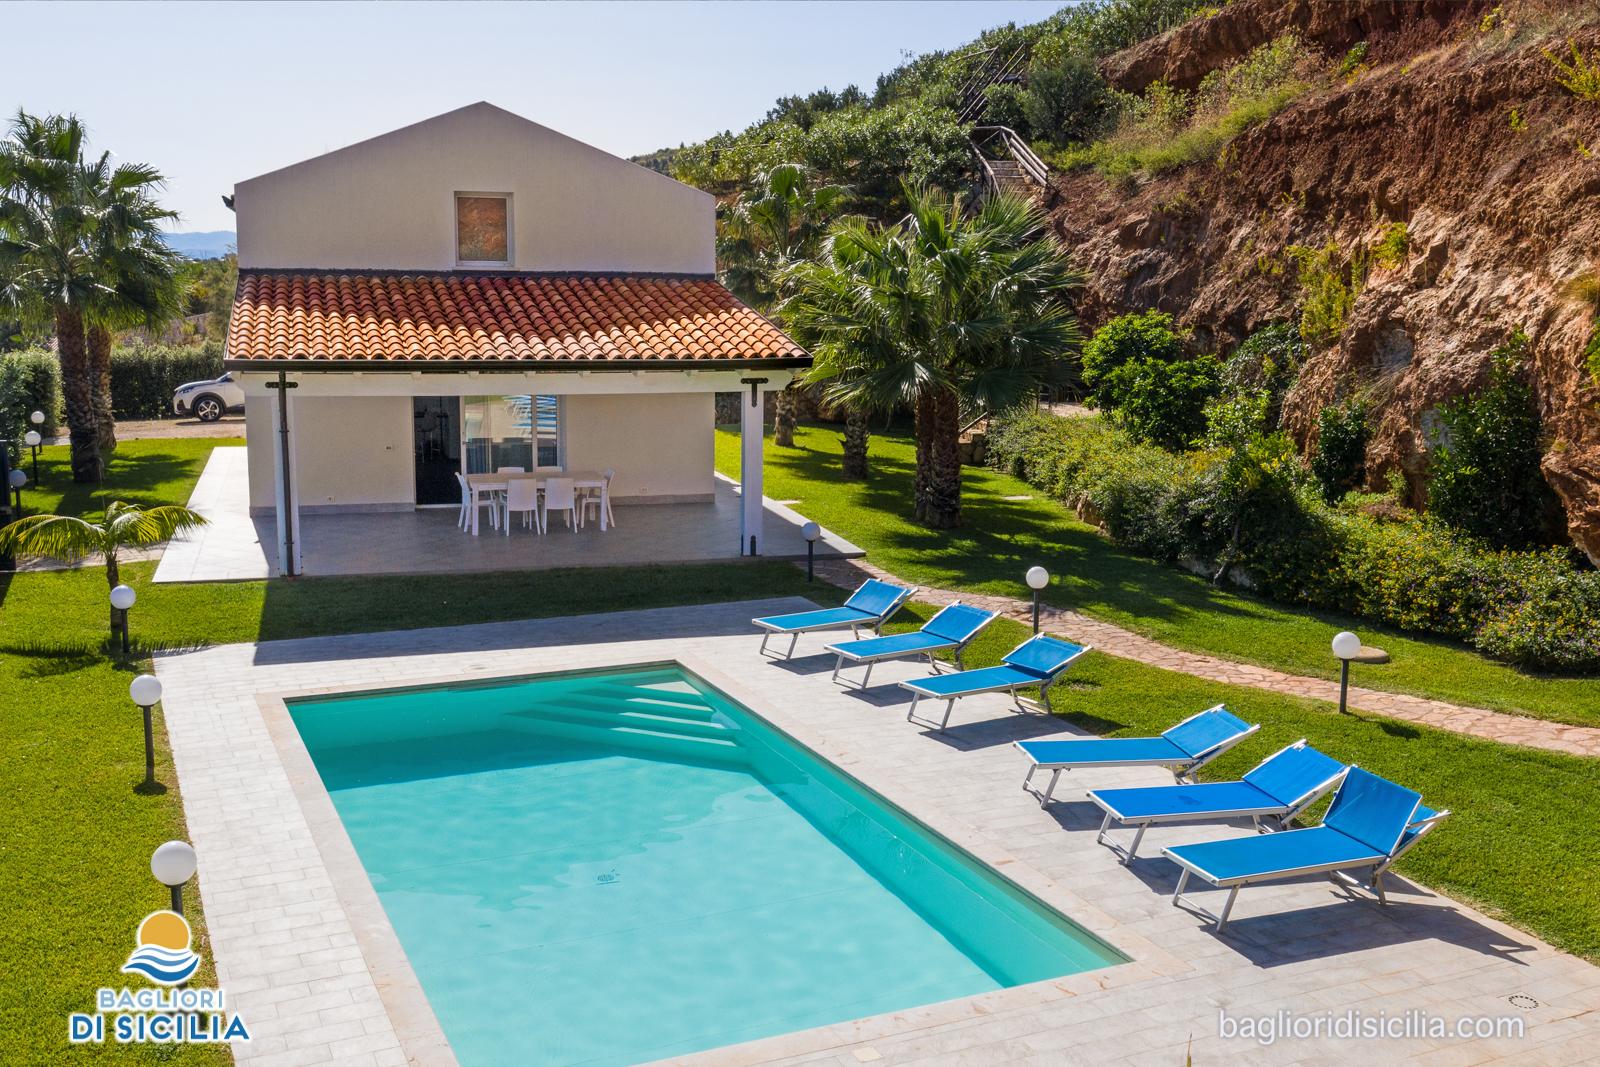 sicilia ville con piscina